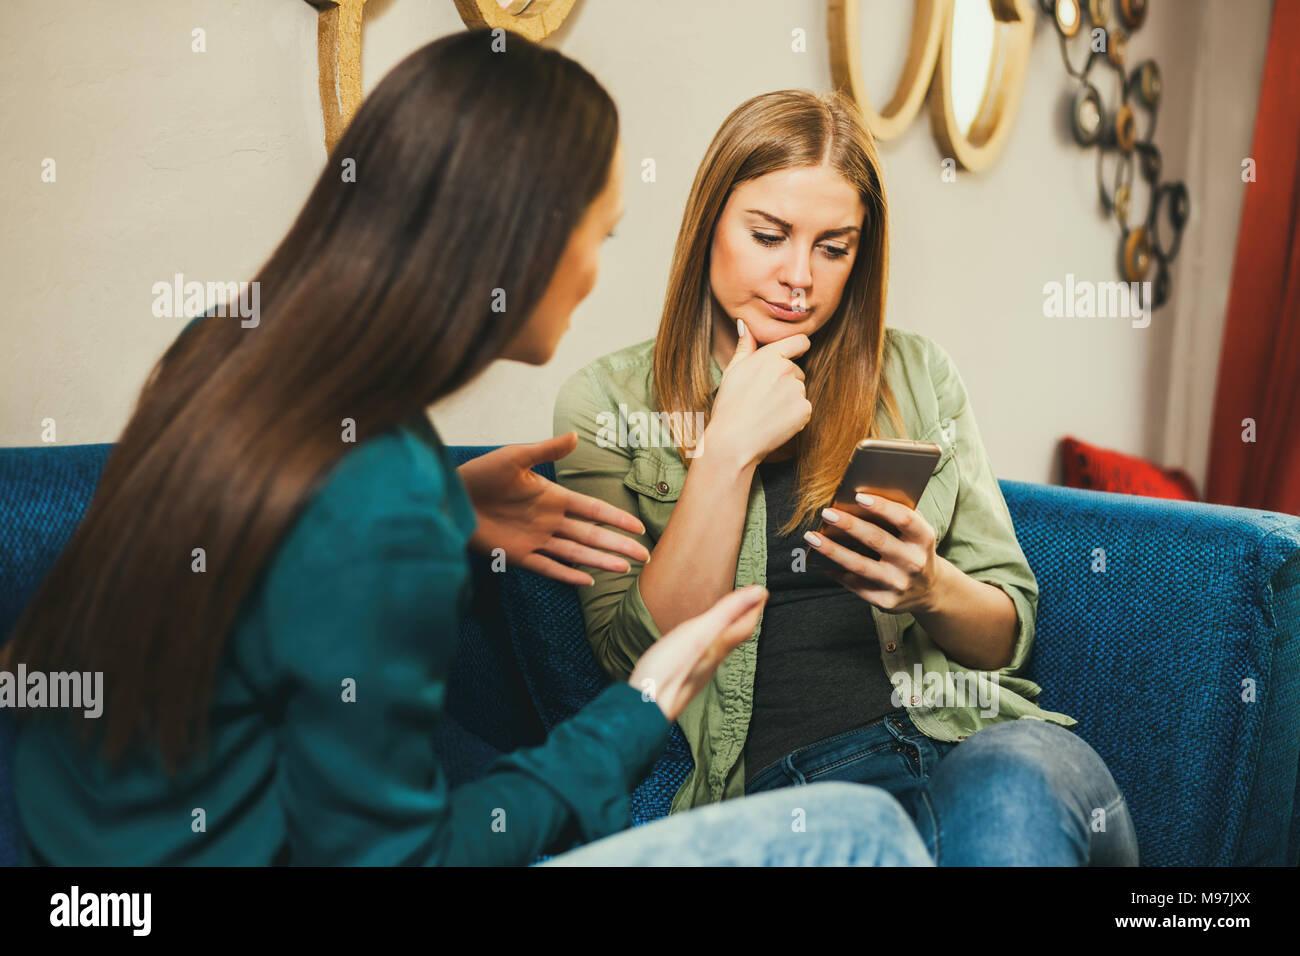 Zwei Frauen sitzen im Cafe und Reden. Stockfoto